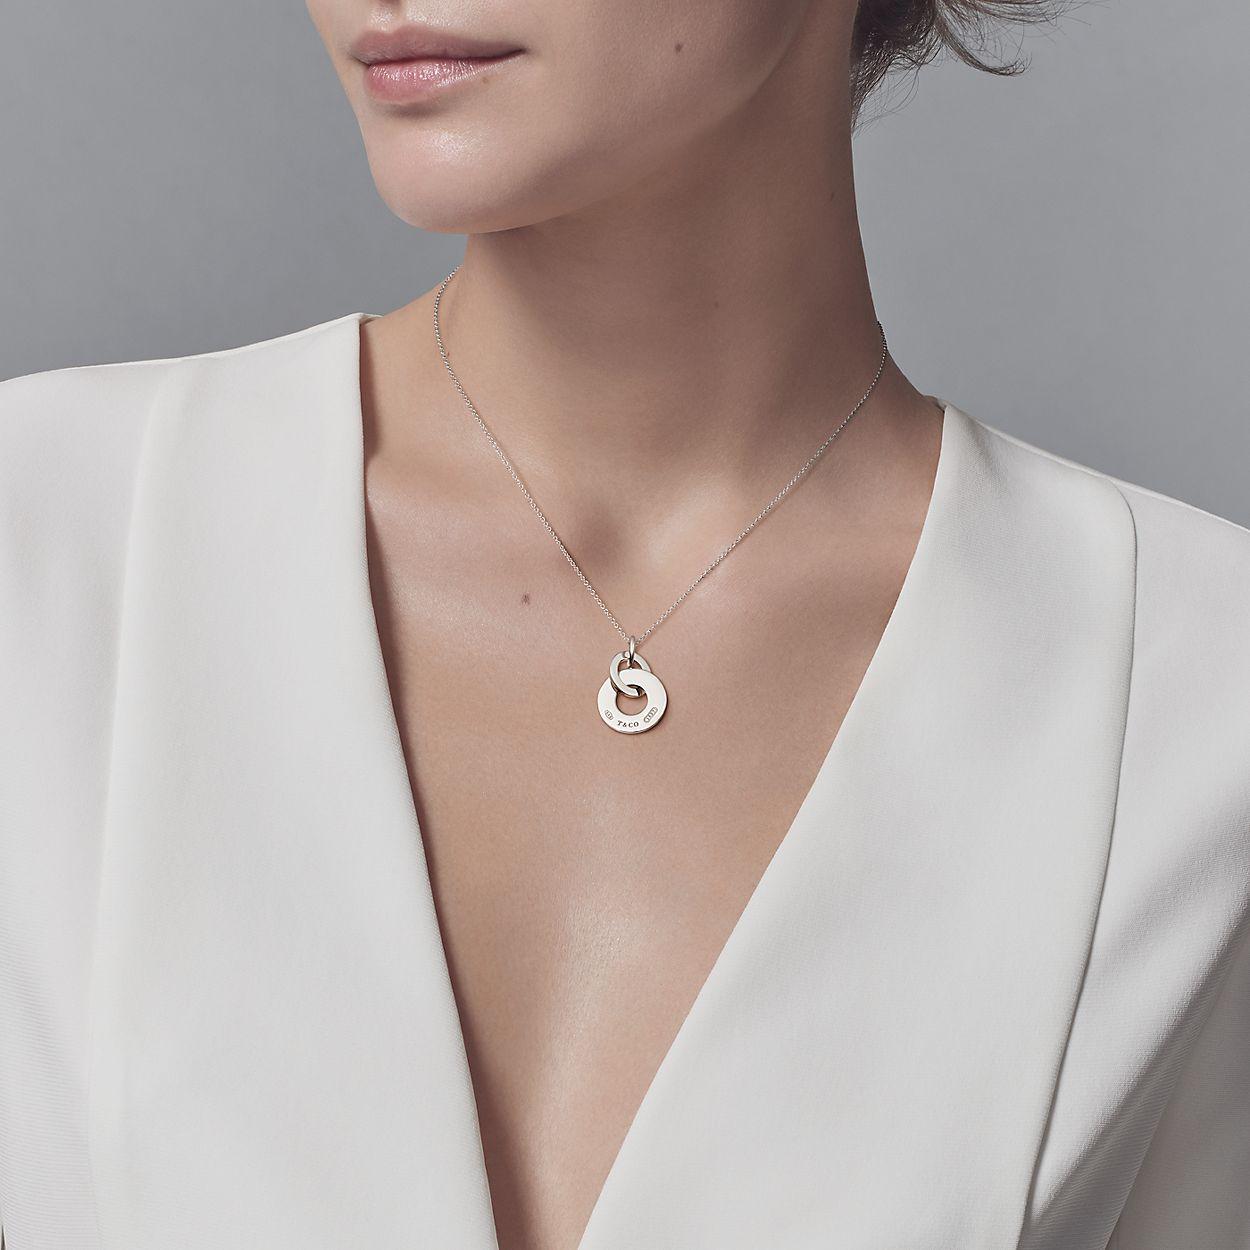 24d7e2b89 Tiffany 1837® interlocking drop pendant in sterling silver, small ...